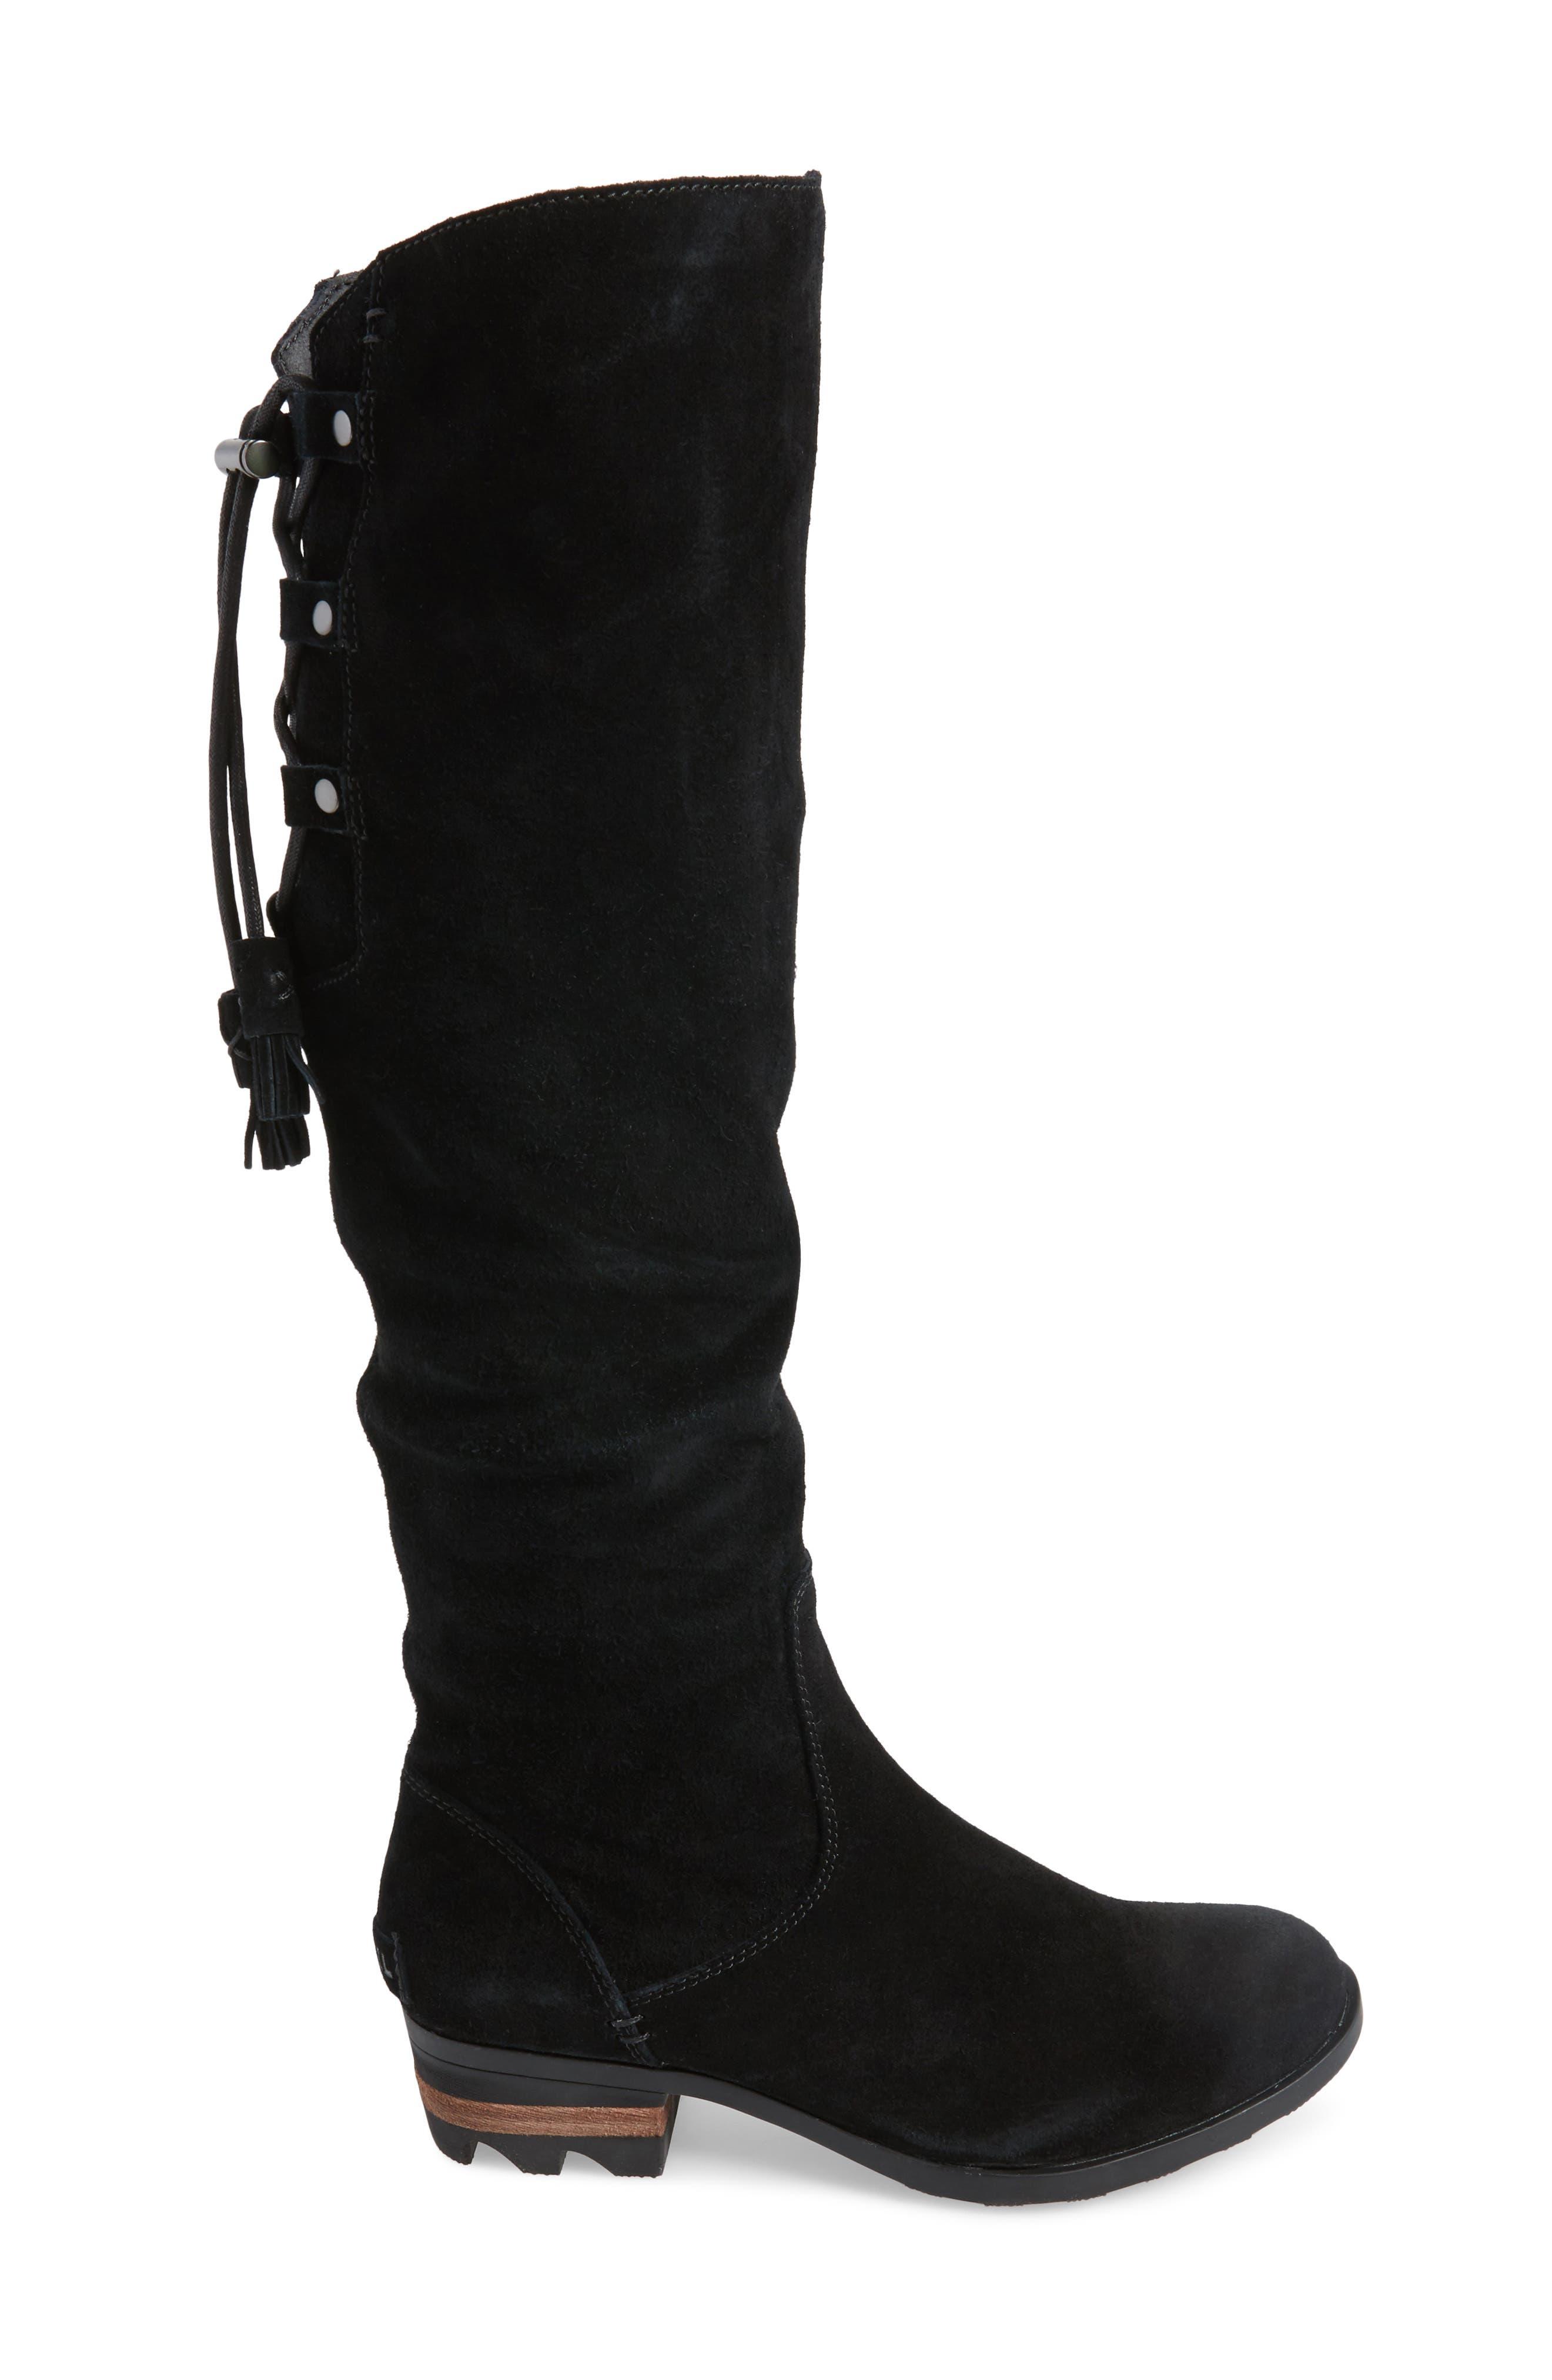 Farah Tall Waterproof Boot,                             Alternate thumbnail 3, color,                             010